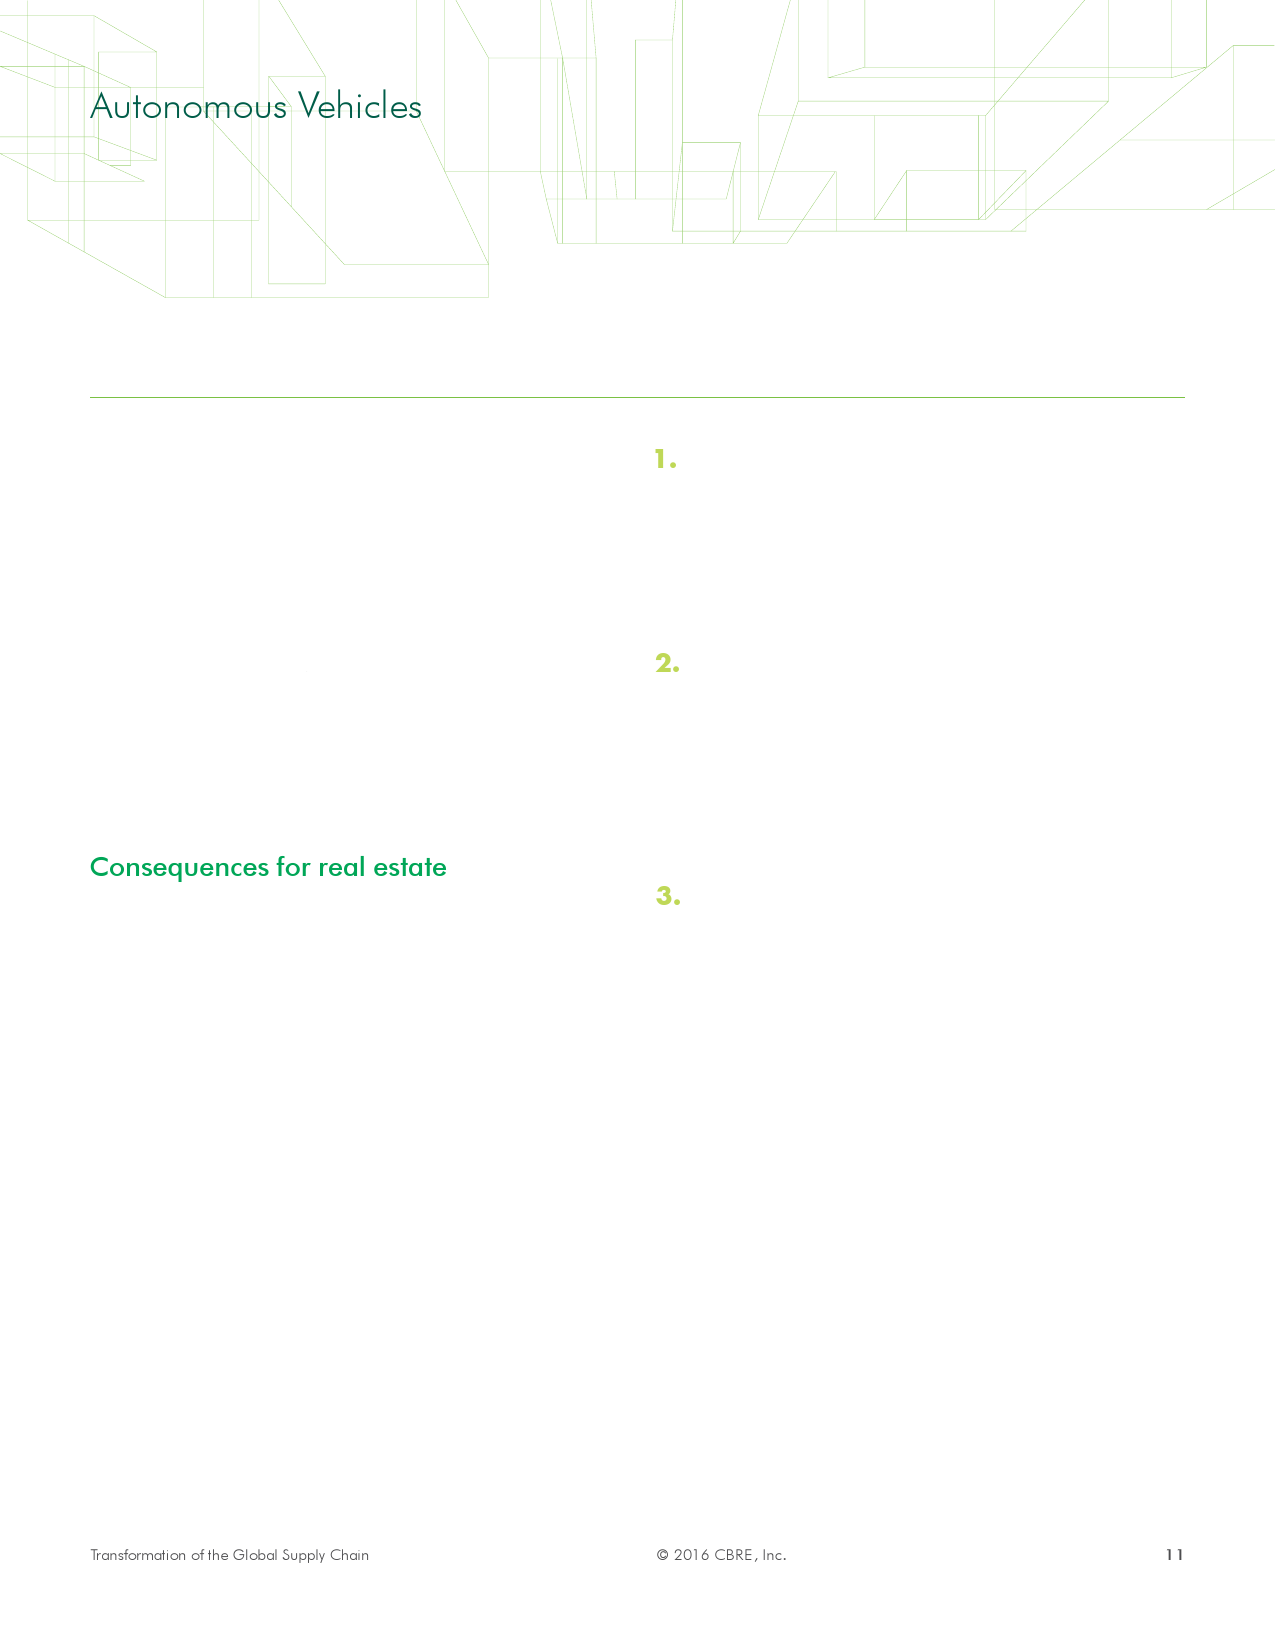 全球供应链升级-自动化技术驱动房地产变革_000011